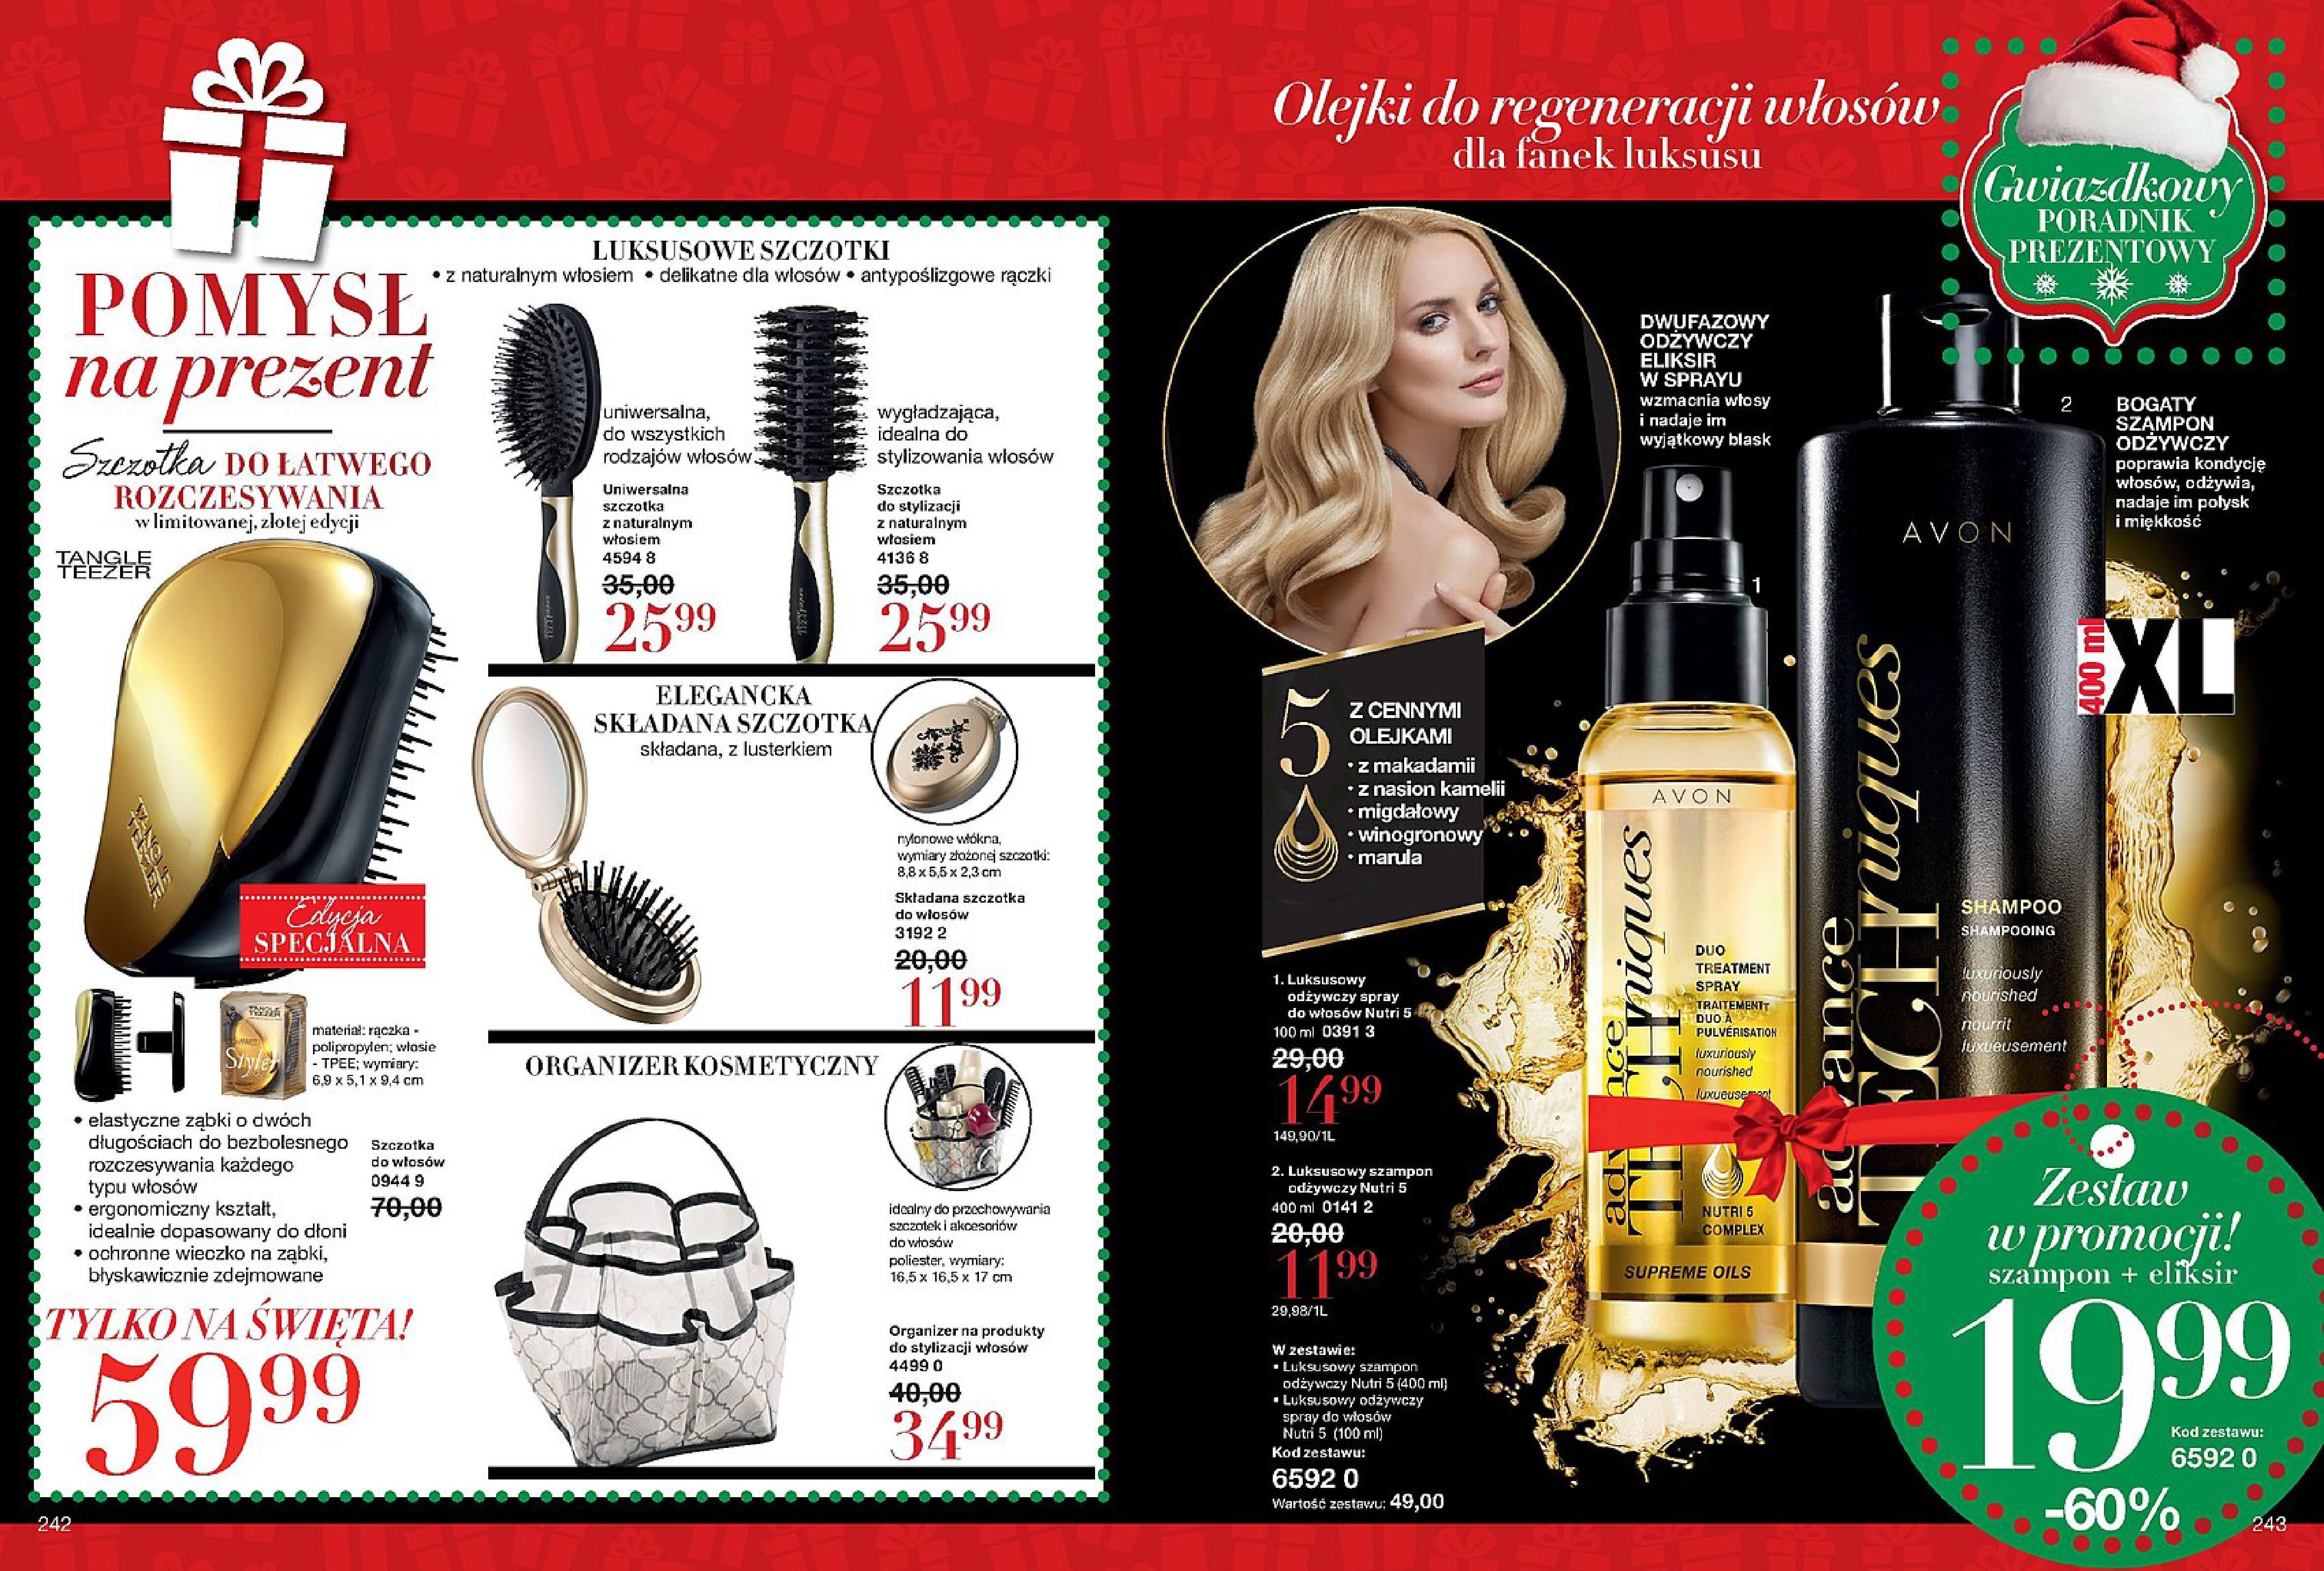 Gazetka Avon - Katalog 17/2017 Gwiazdka-29.11.2017-27.12.2017-page-122